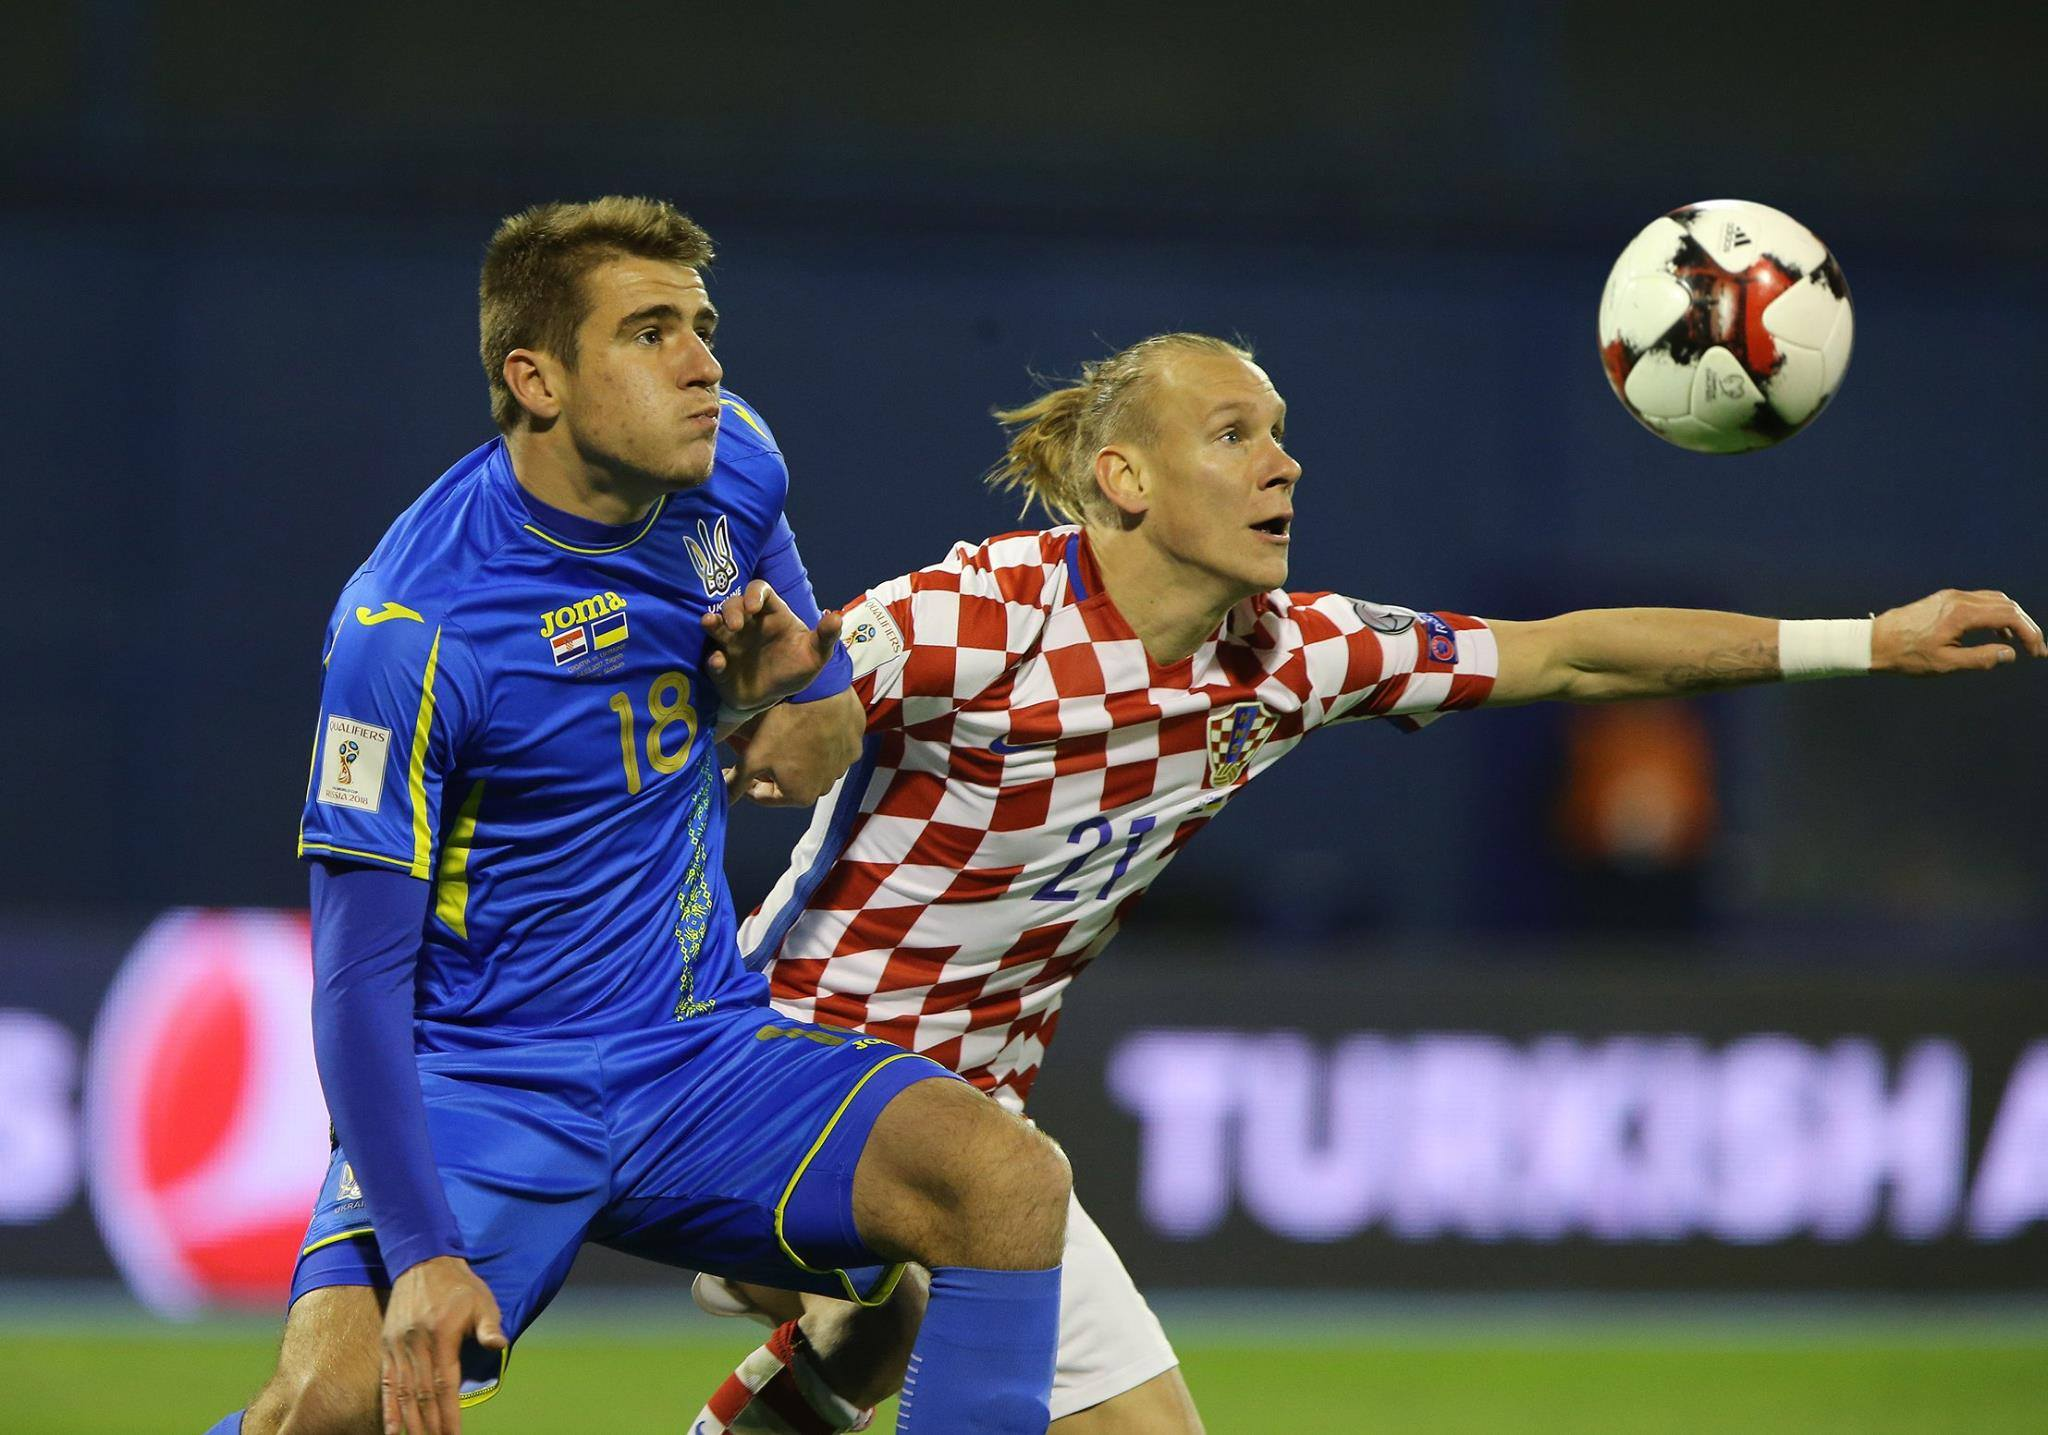 Украина-Хорватия: футбол отменяется? Главного тренера уволили перед матчем